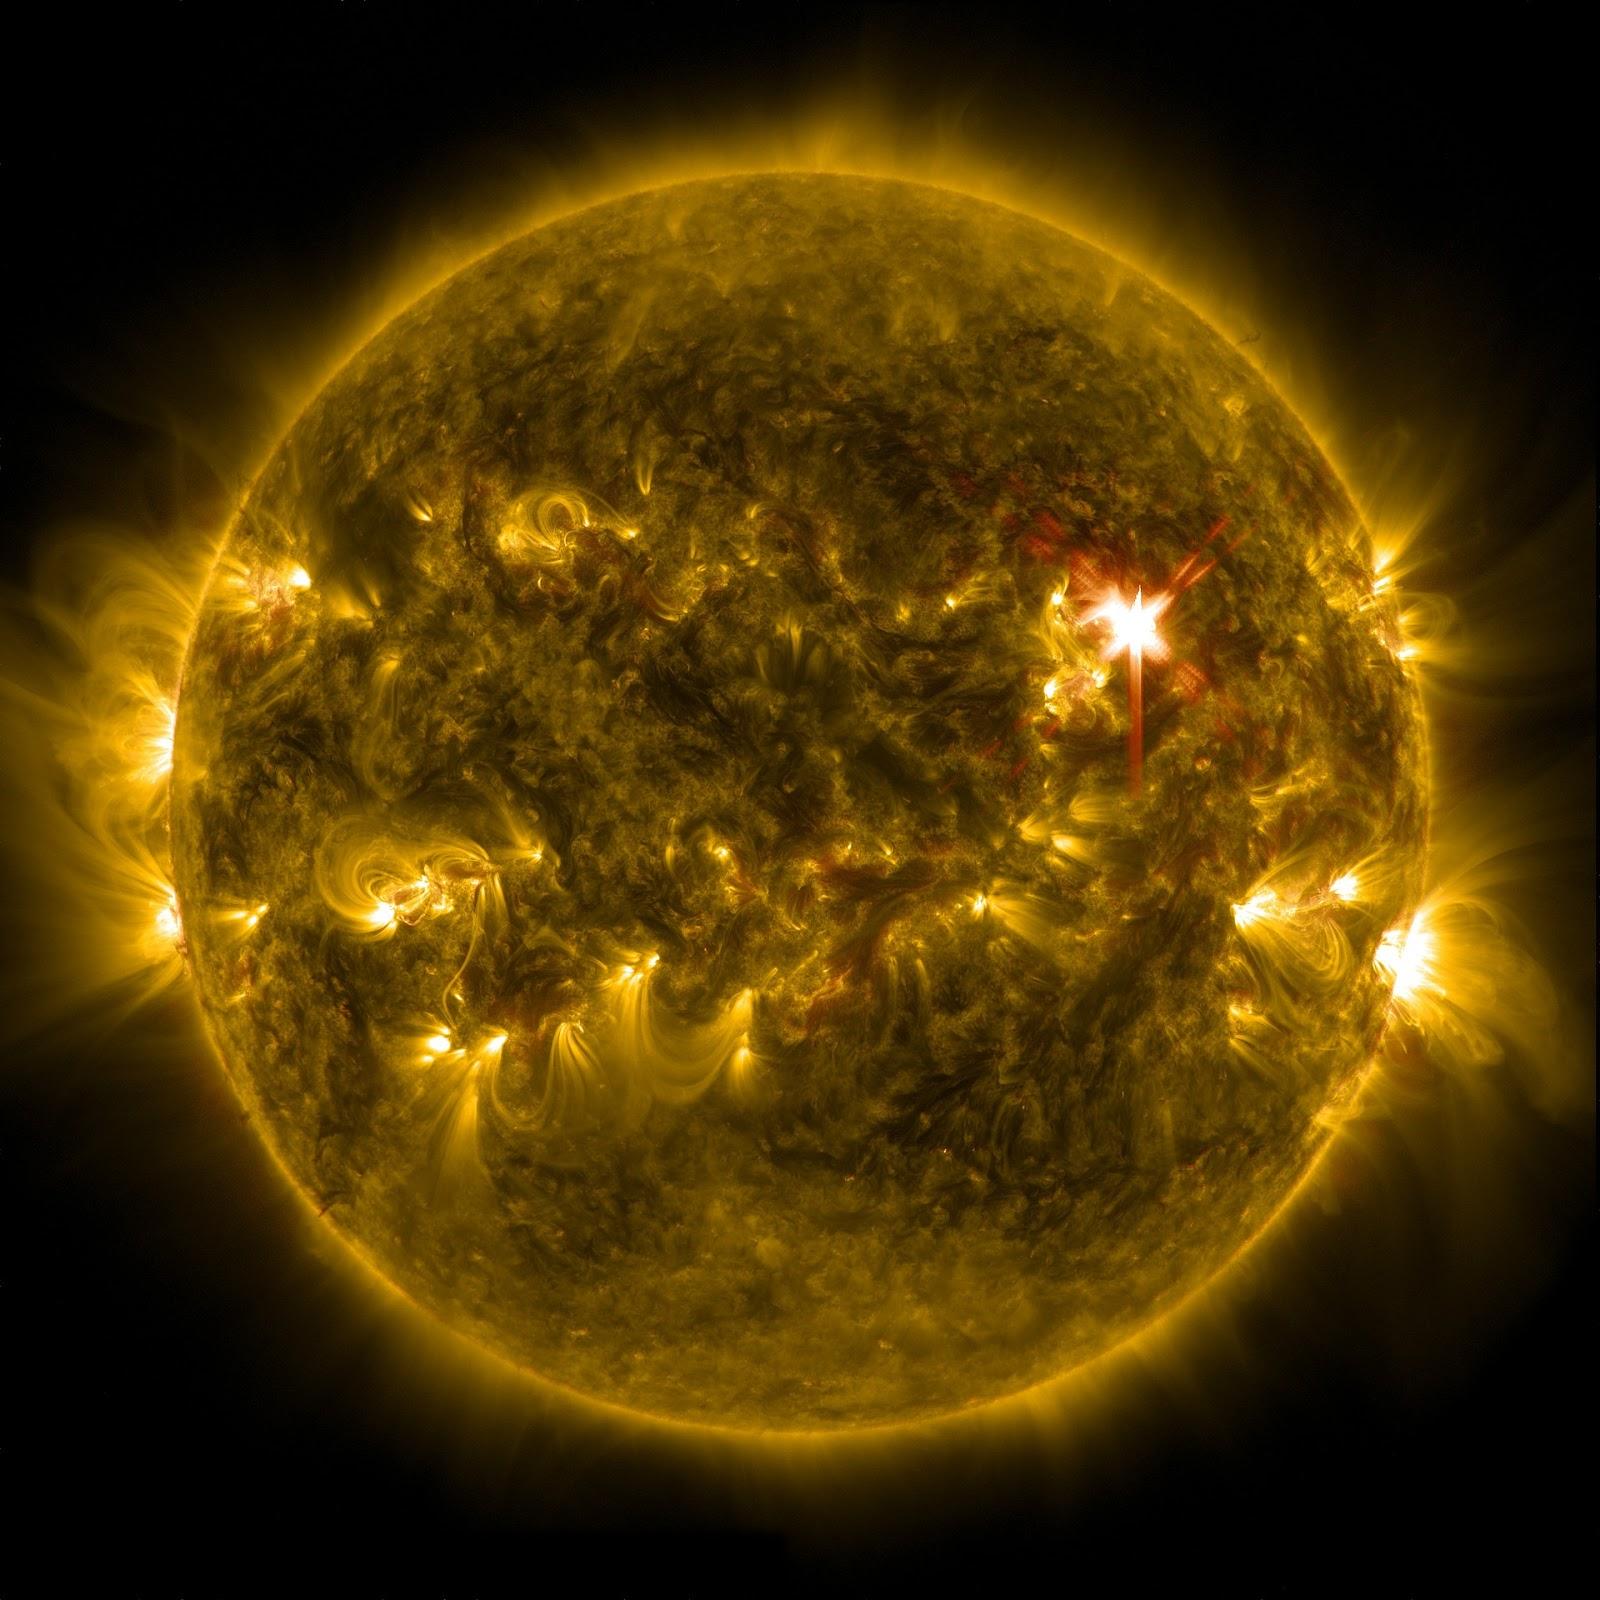 пульсации энергии и плазмы на солнце